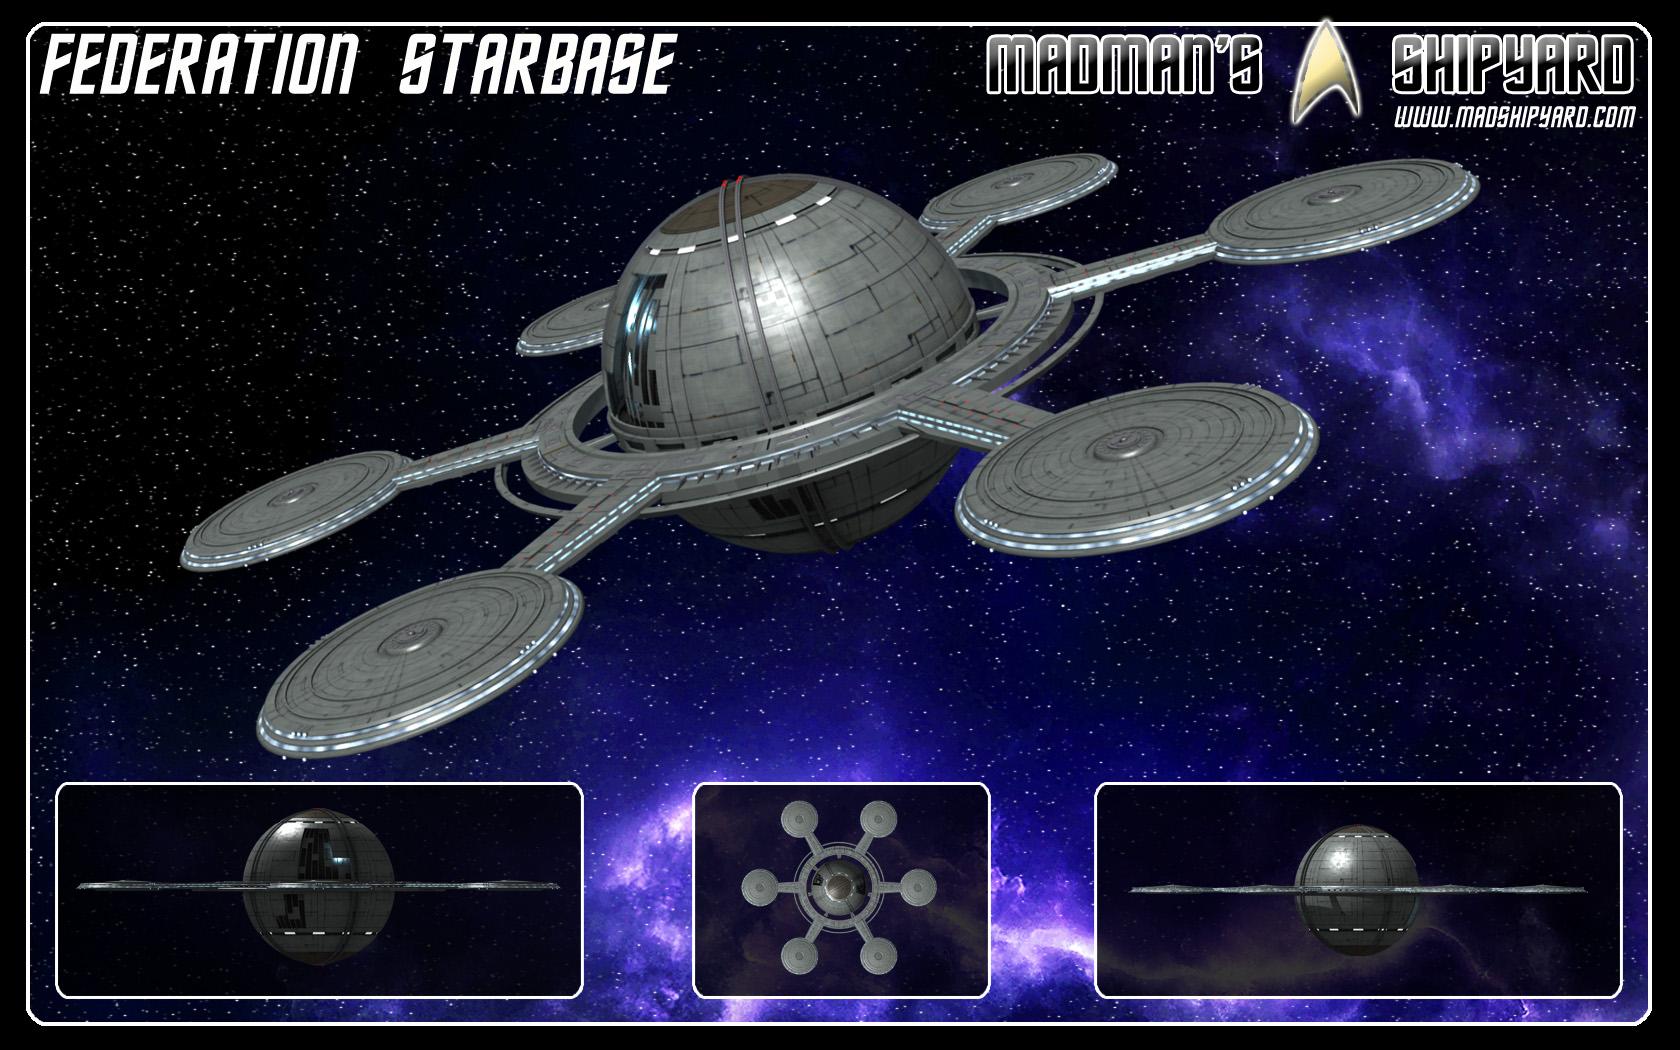 federationstarbase.jpg